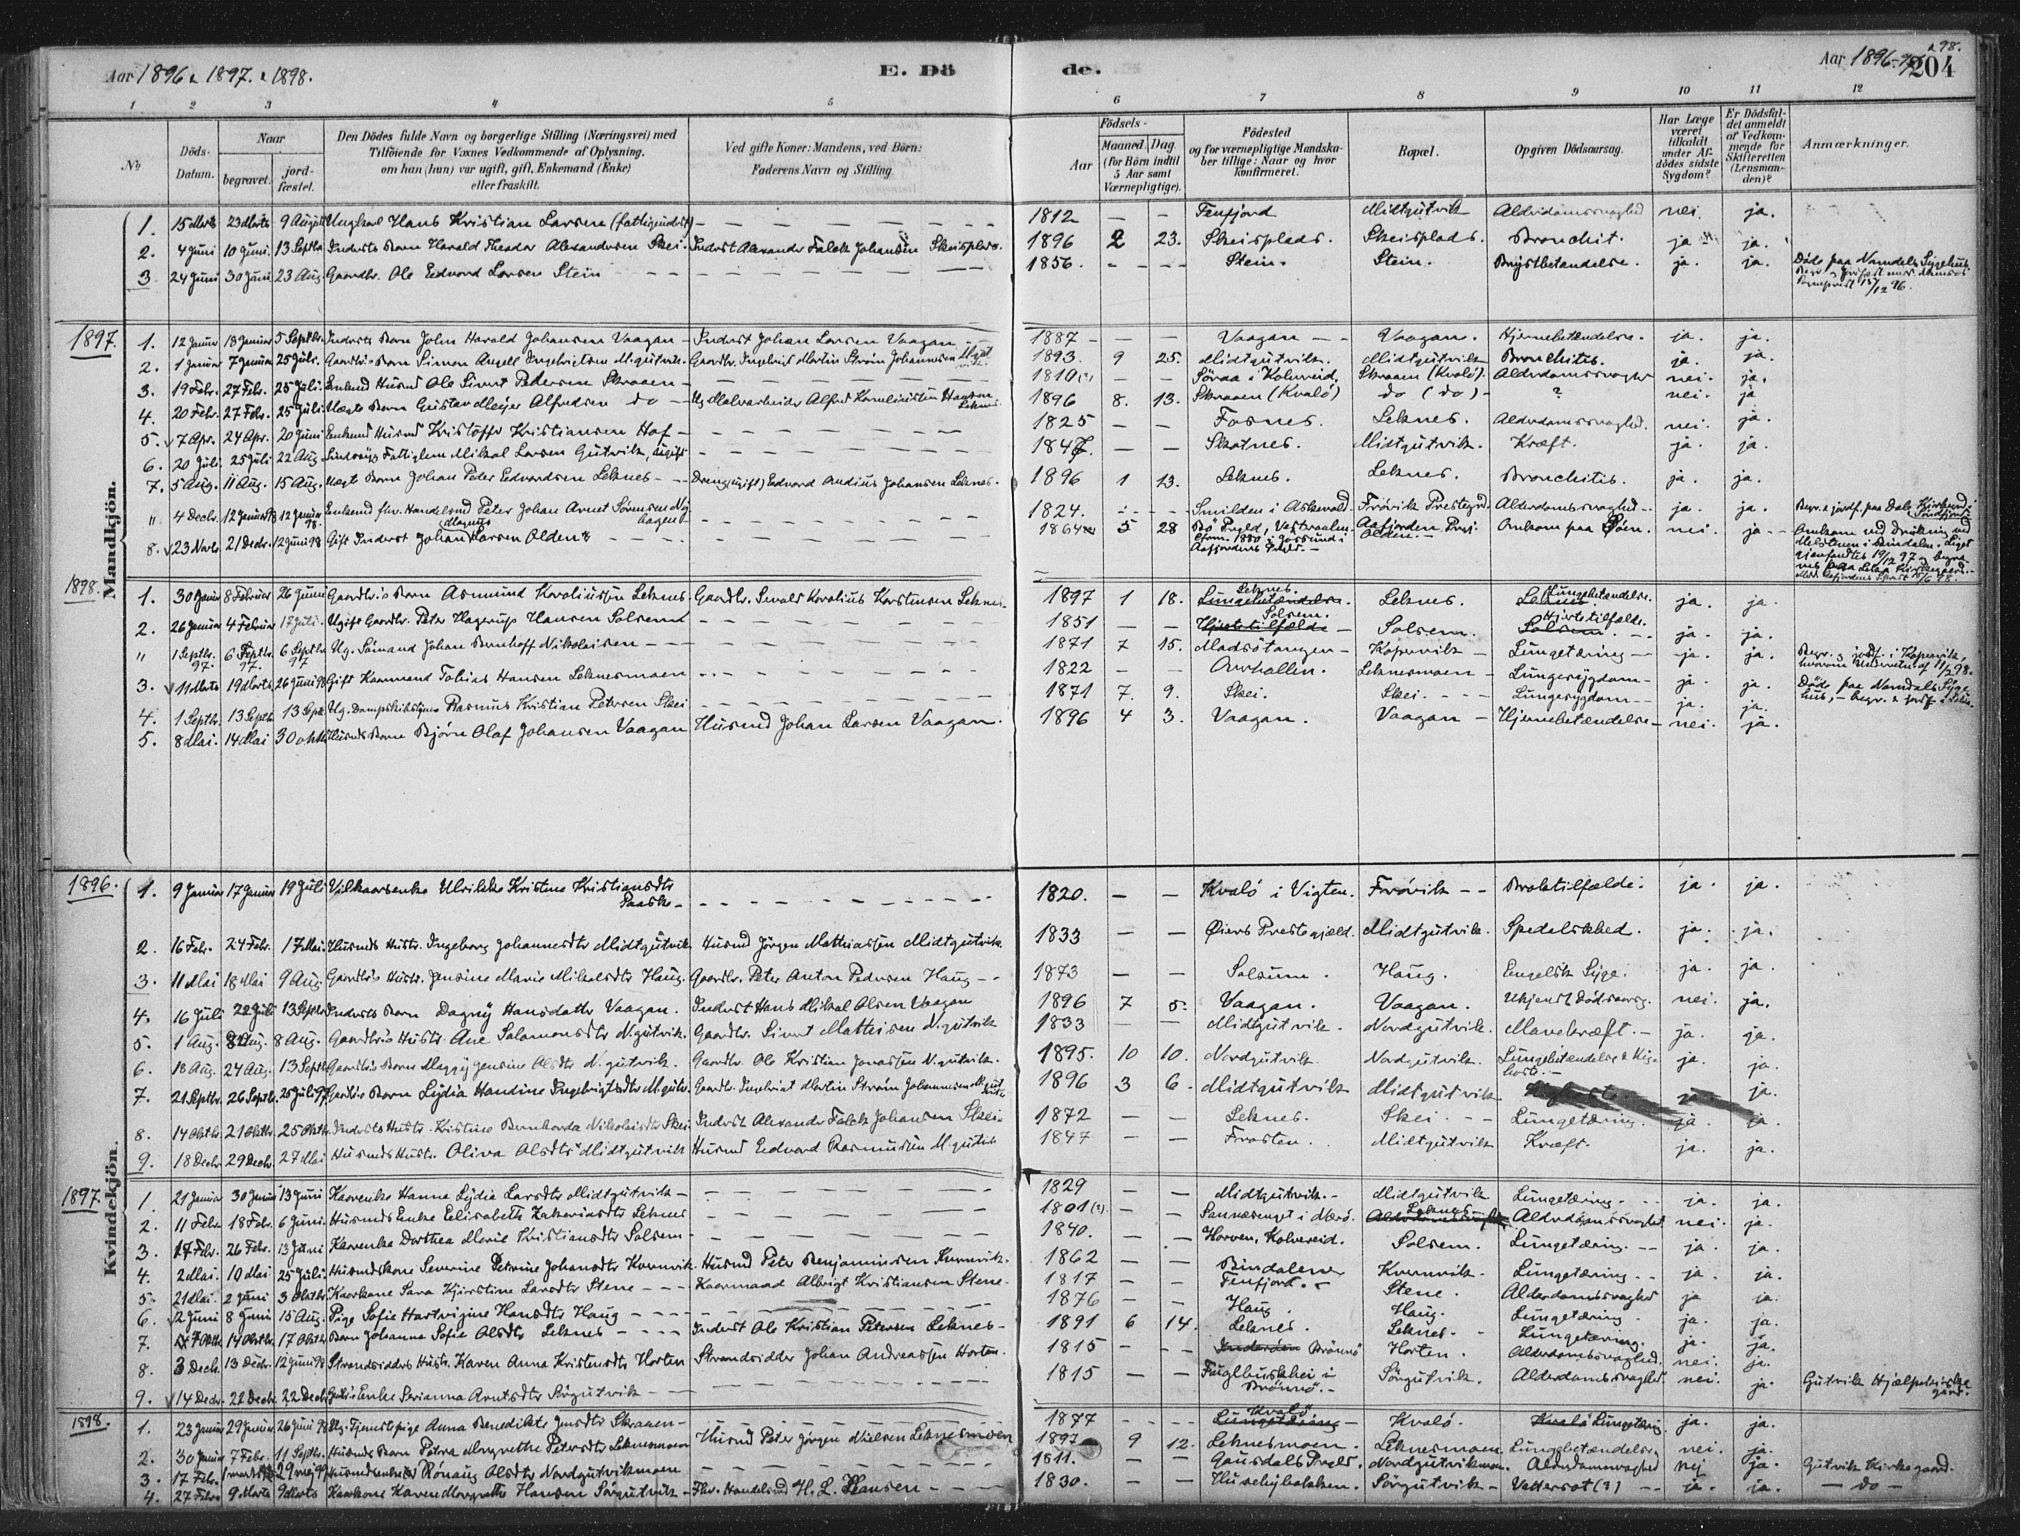 SAT, Ministerialprotokoller, klokkerbøker og fødselsregistre - Nord-Trøndelag, 788/L0697: Ministerialbok nr. 788A04, 1878-1902, s. 204